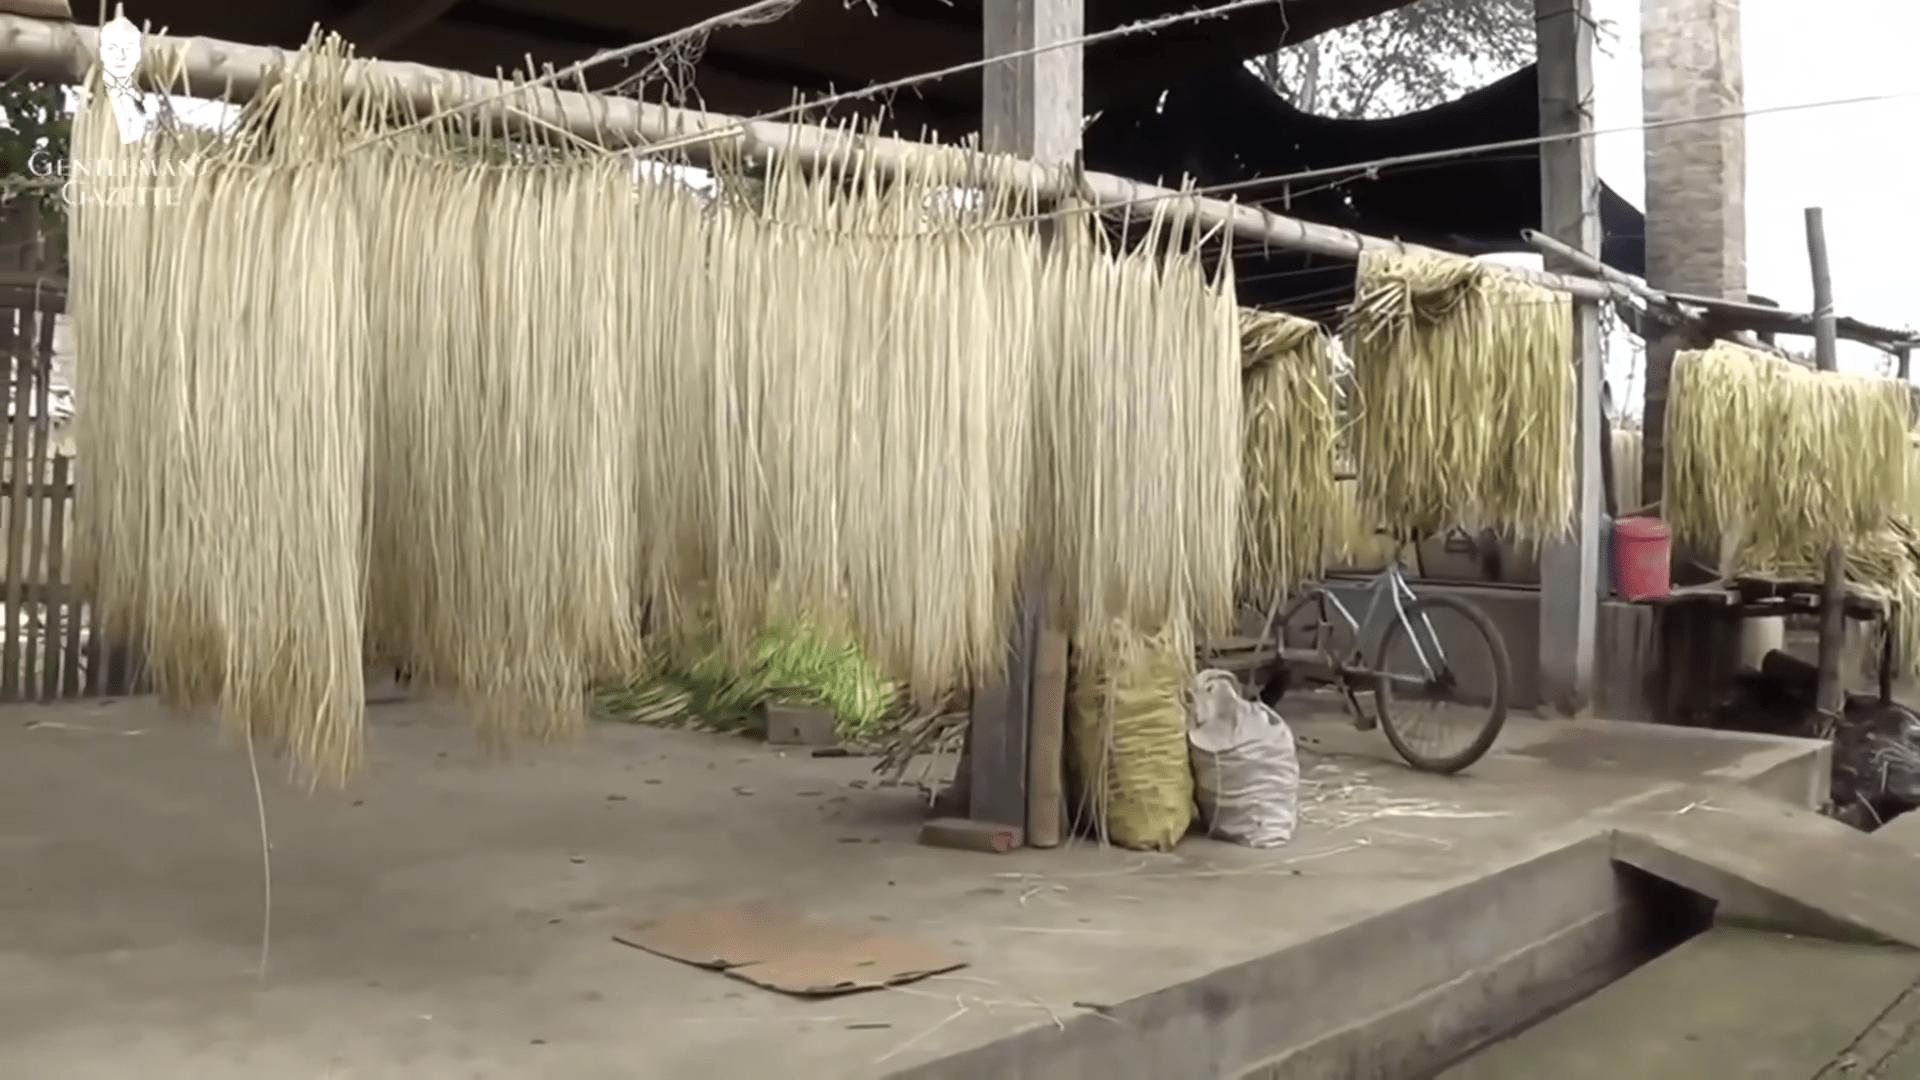 Сушене на вбакна от палма токила, използвани за оплитането на панамените шапки.